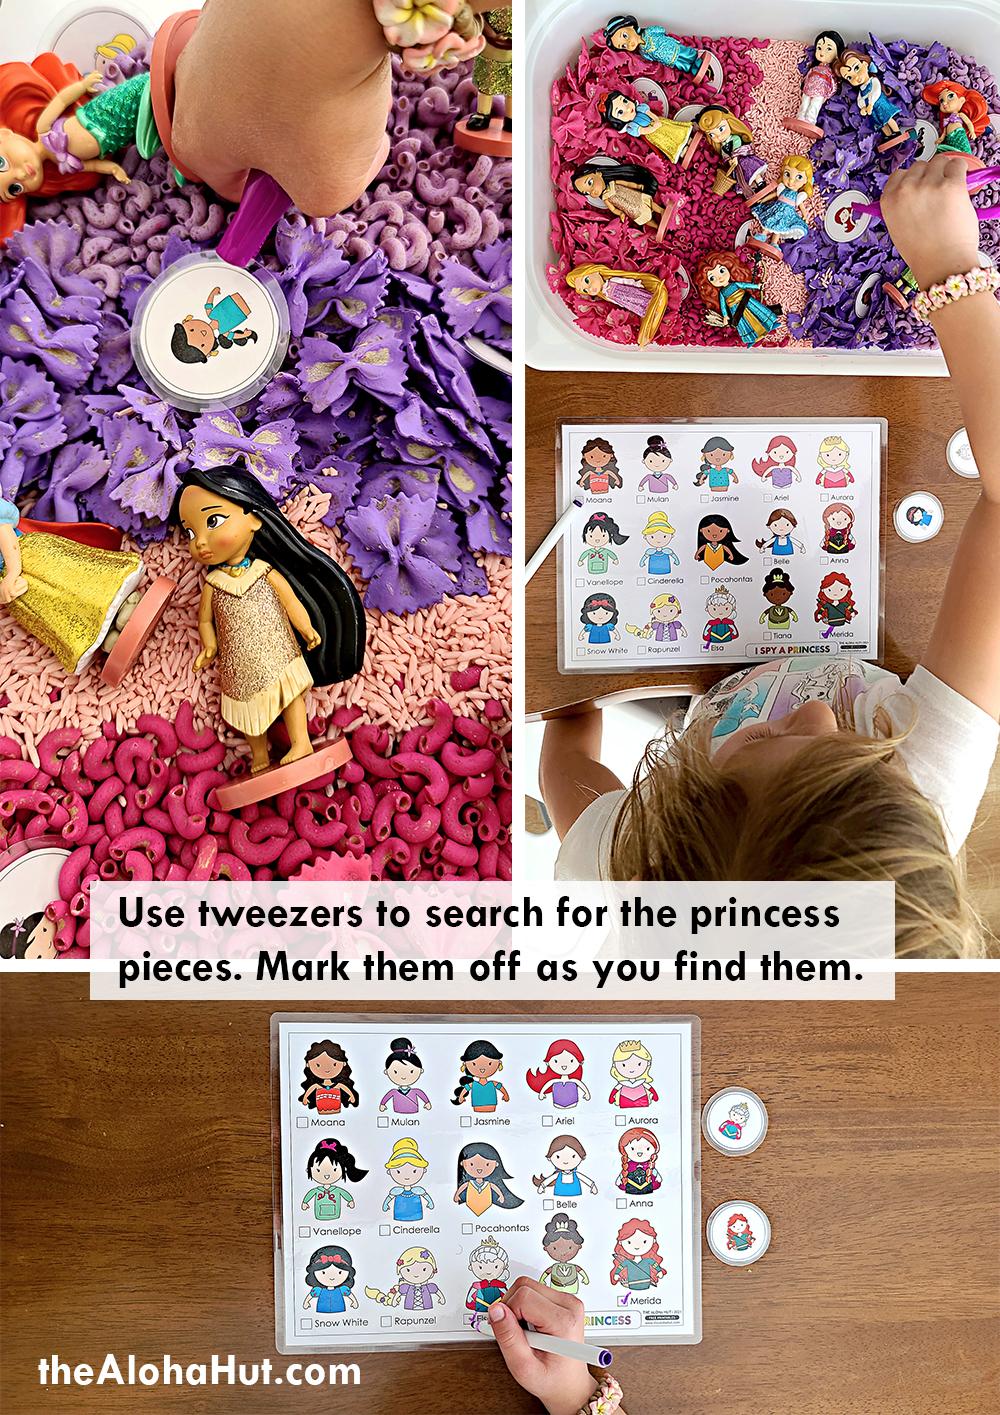 I Spy a Princess game by the Aloha Hut